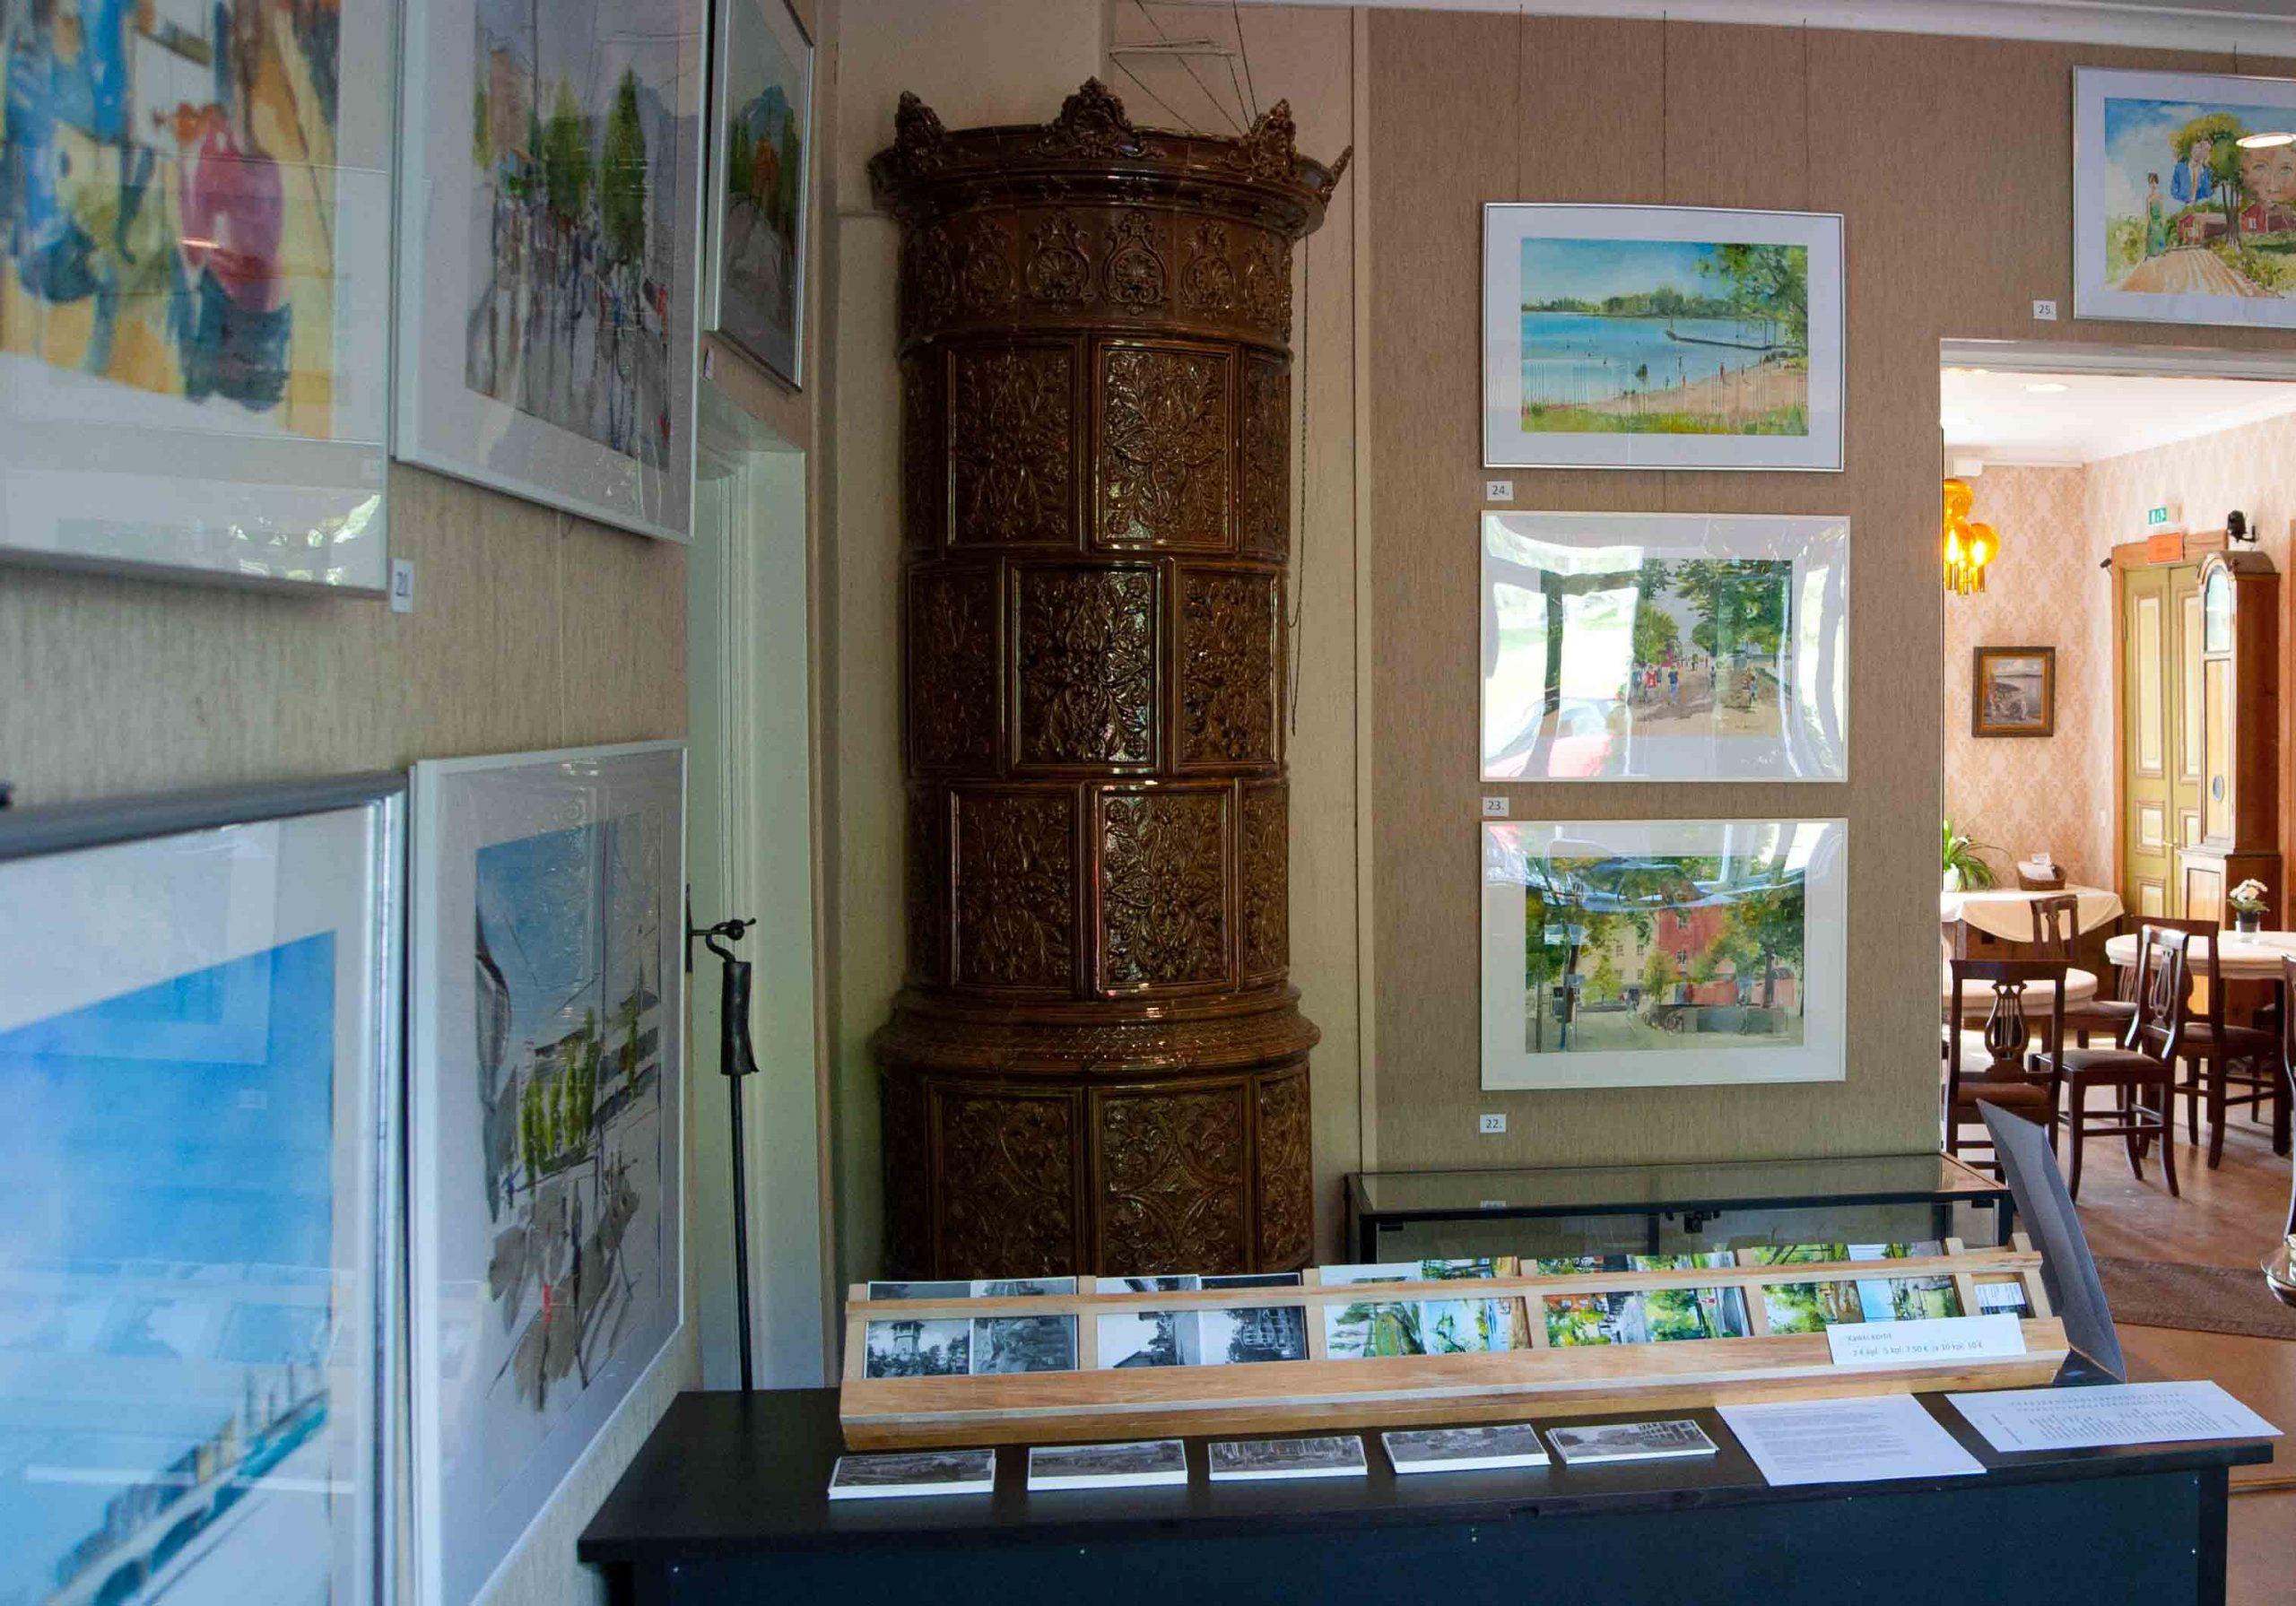 Uusi taidepostikorttisarja myynnissä Taidekeskus Järvilinnassa